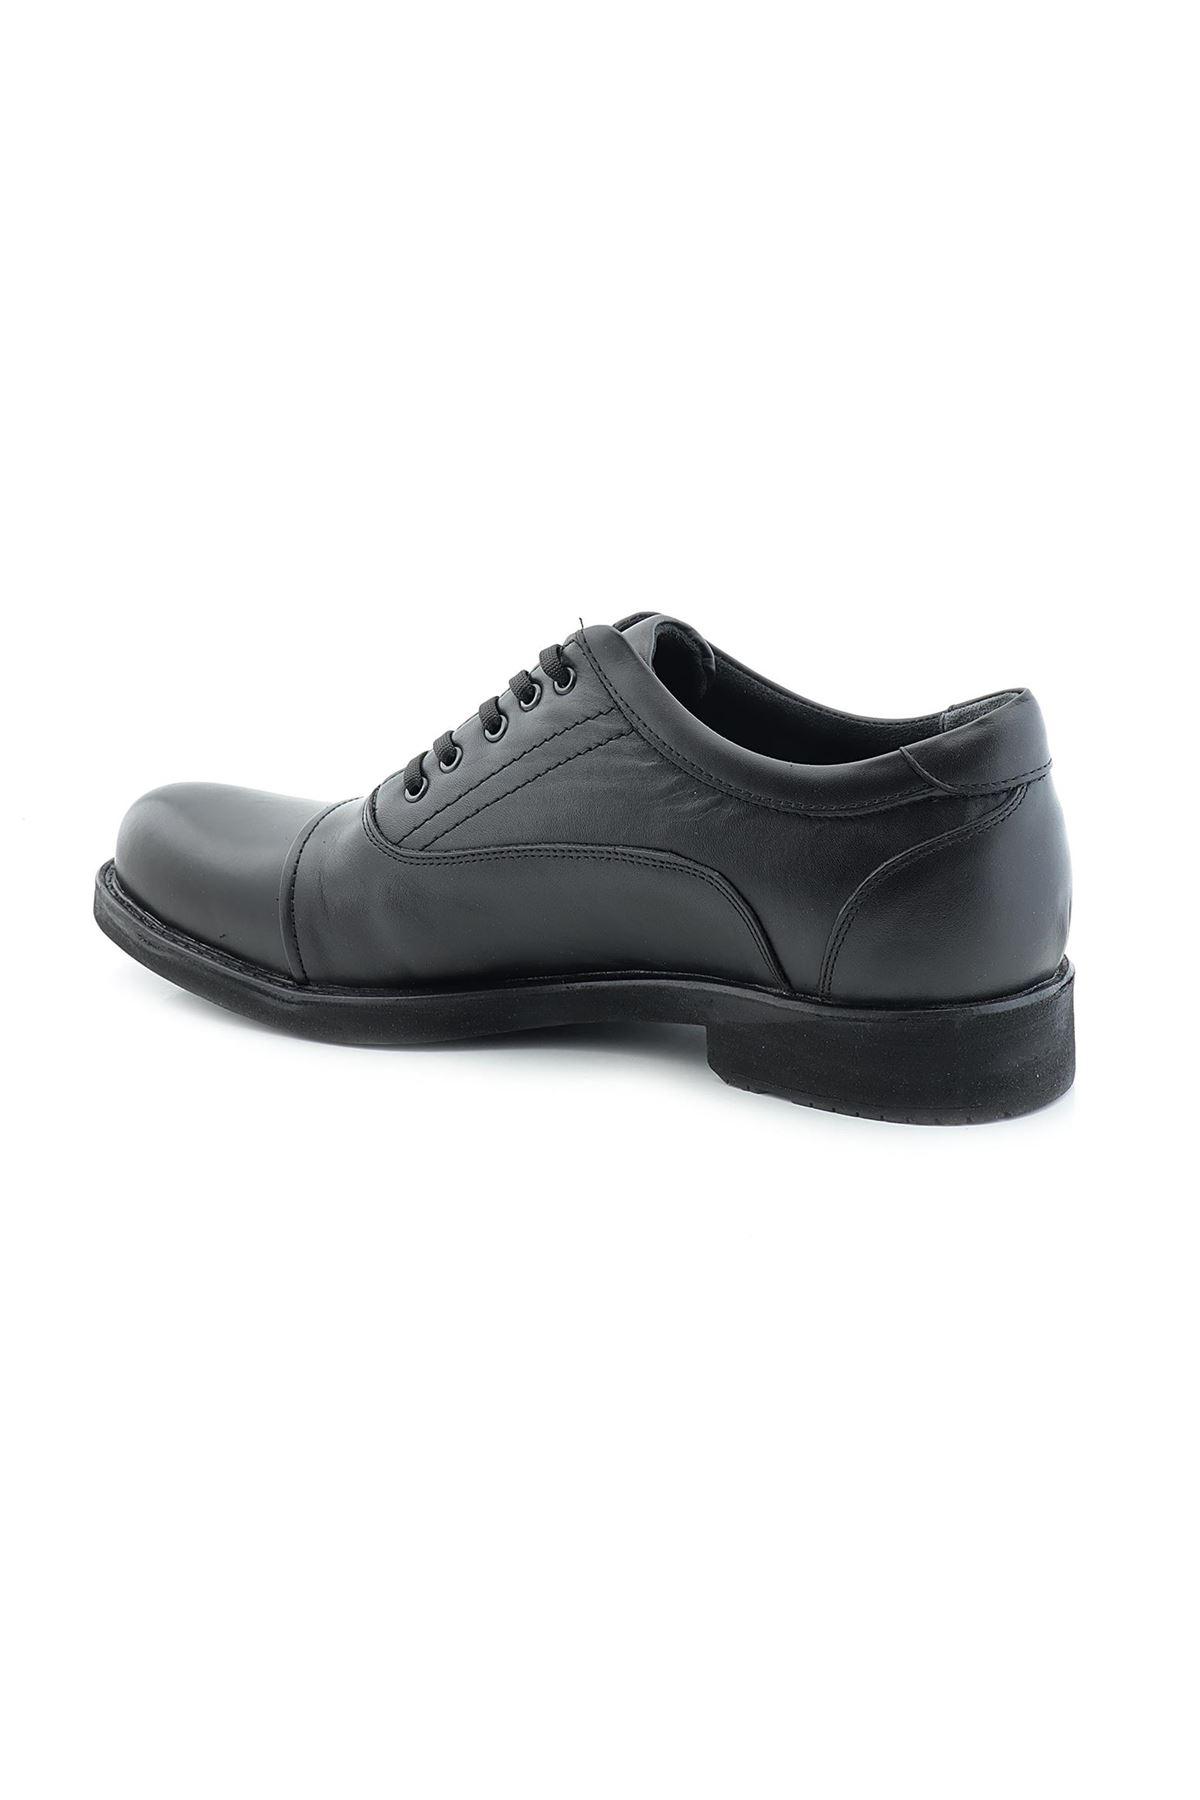 Büyük Numara Erkek Ayakkabı A1254